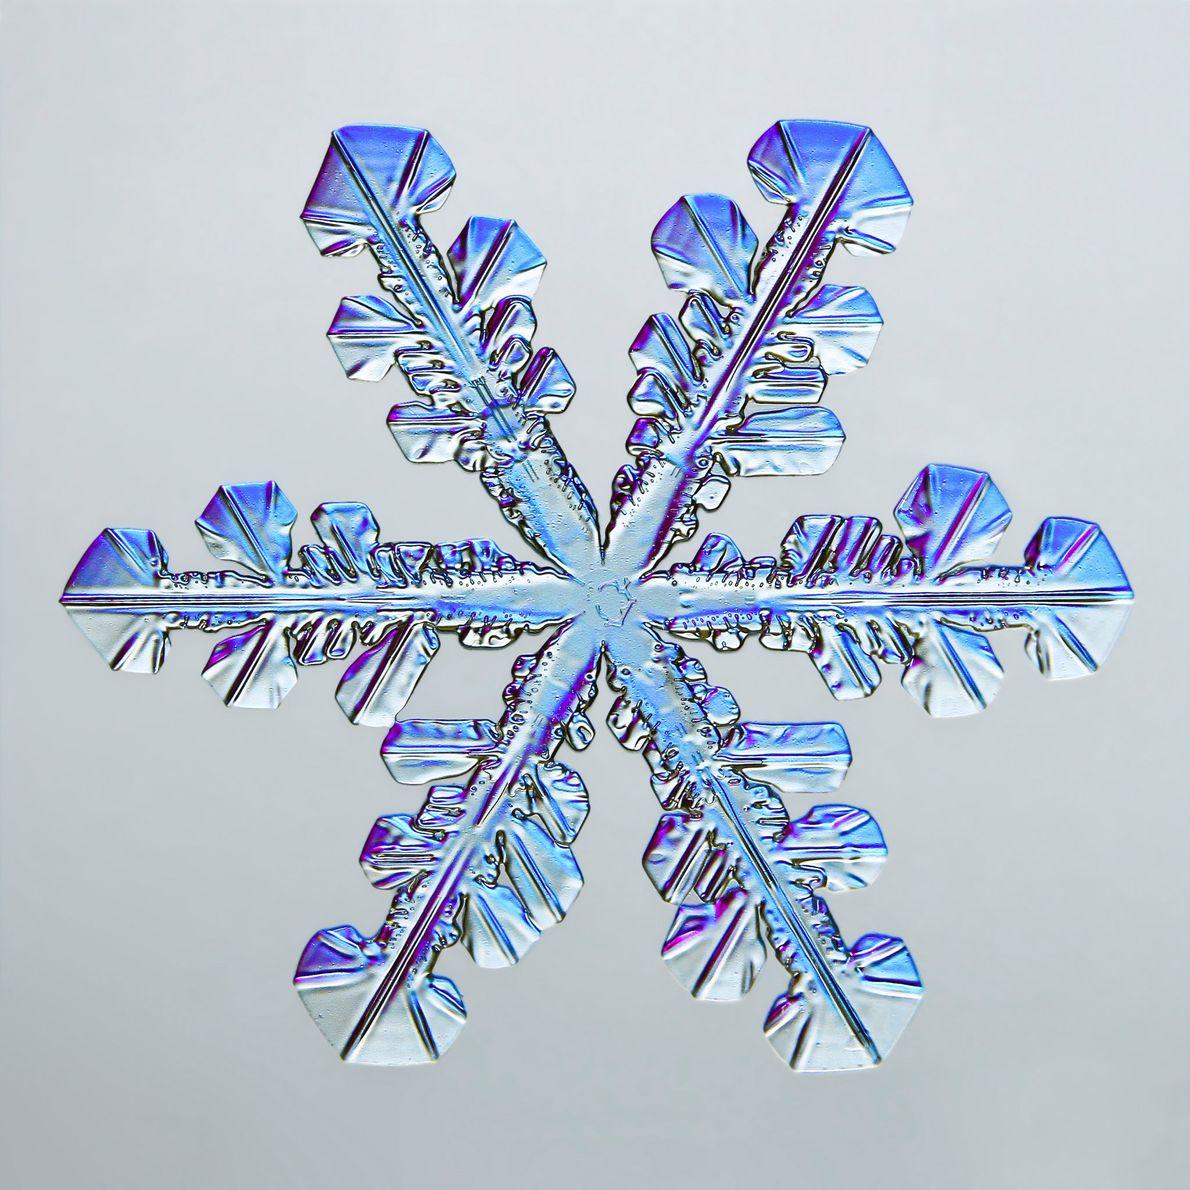 Diversas facetas hexagonais de um floco de neve brilham em tons de azul e roxo, graças …